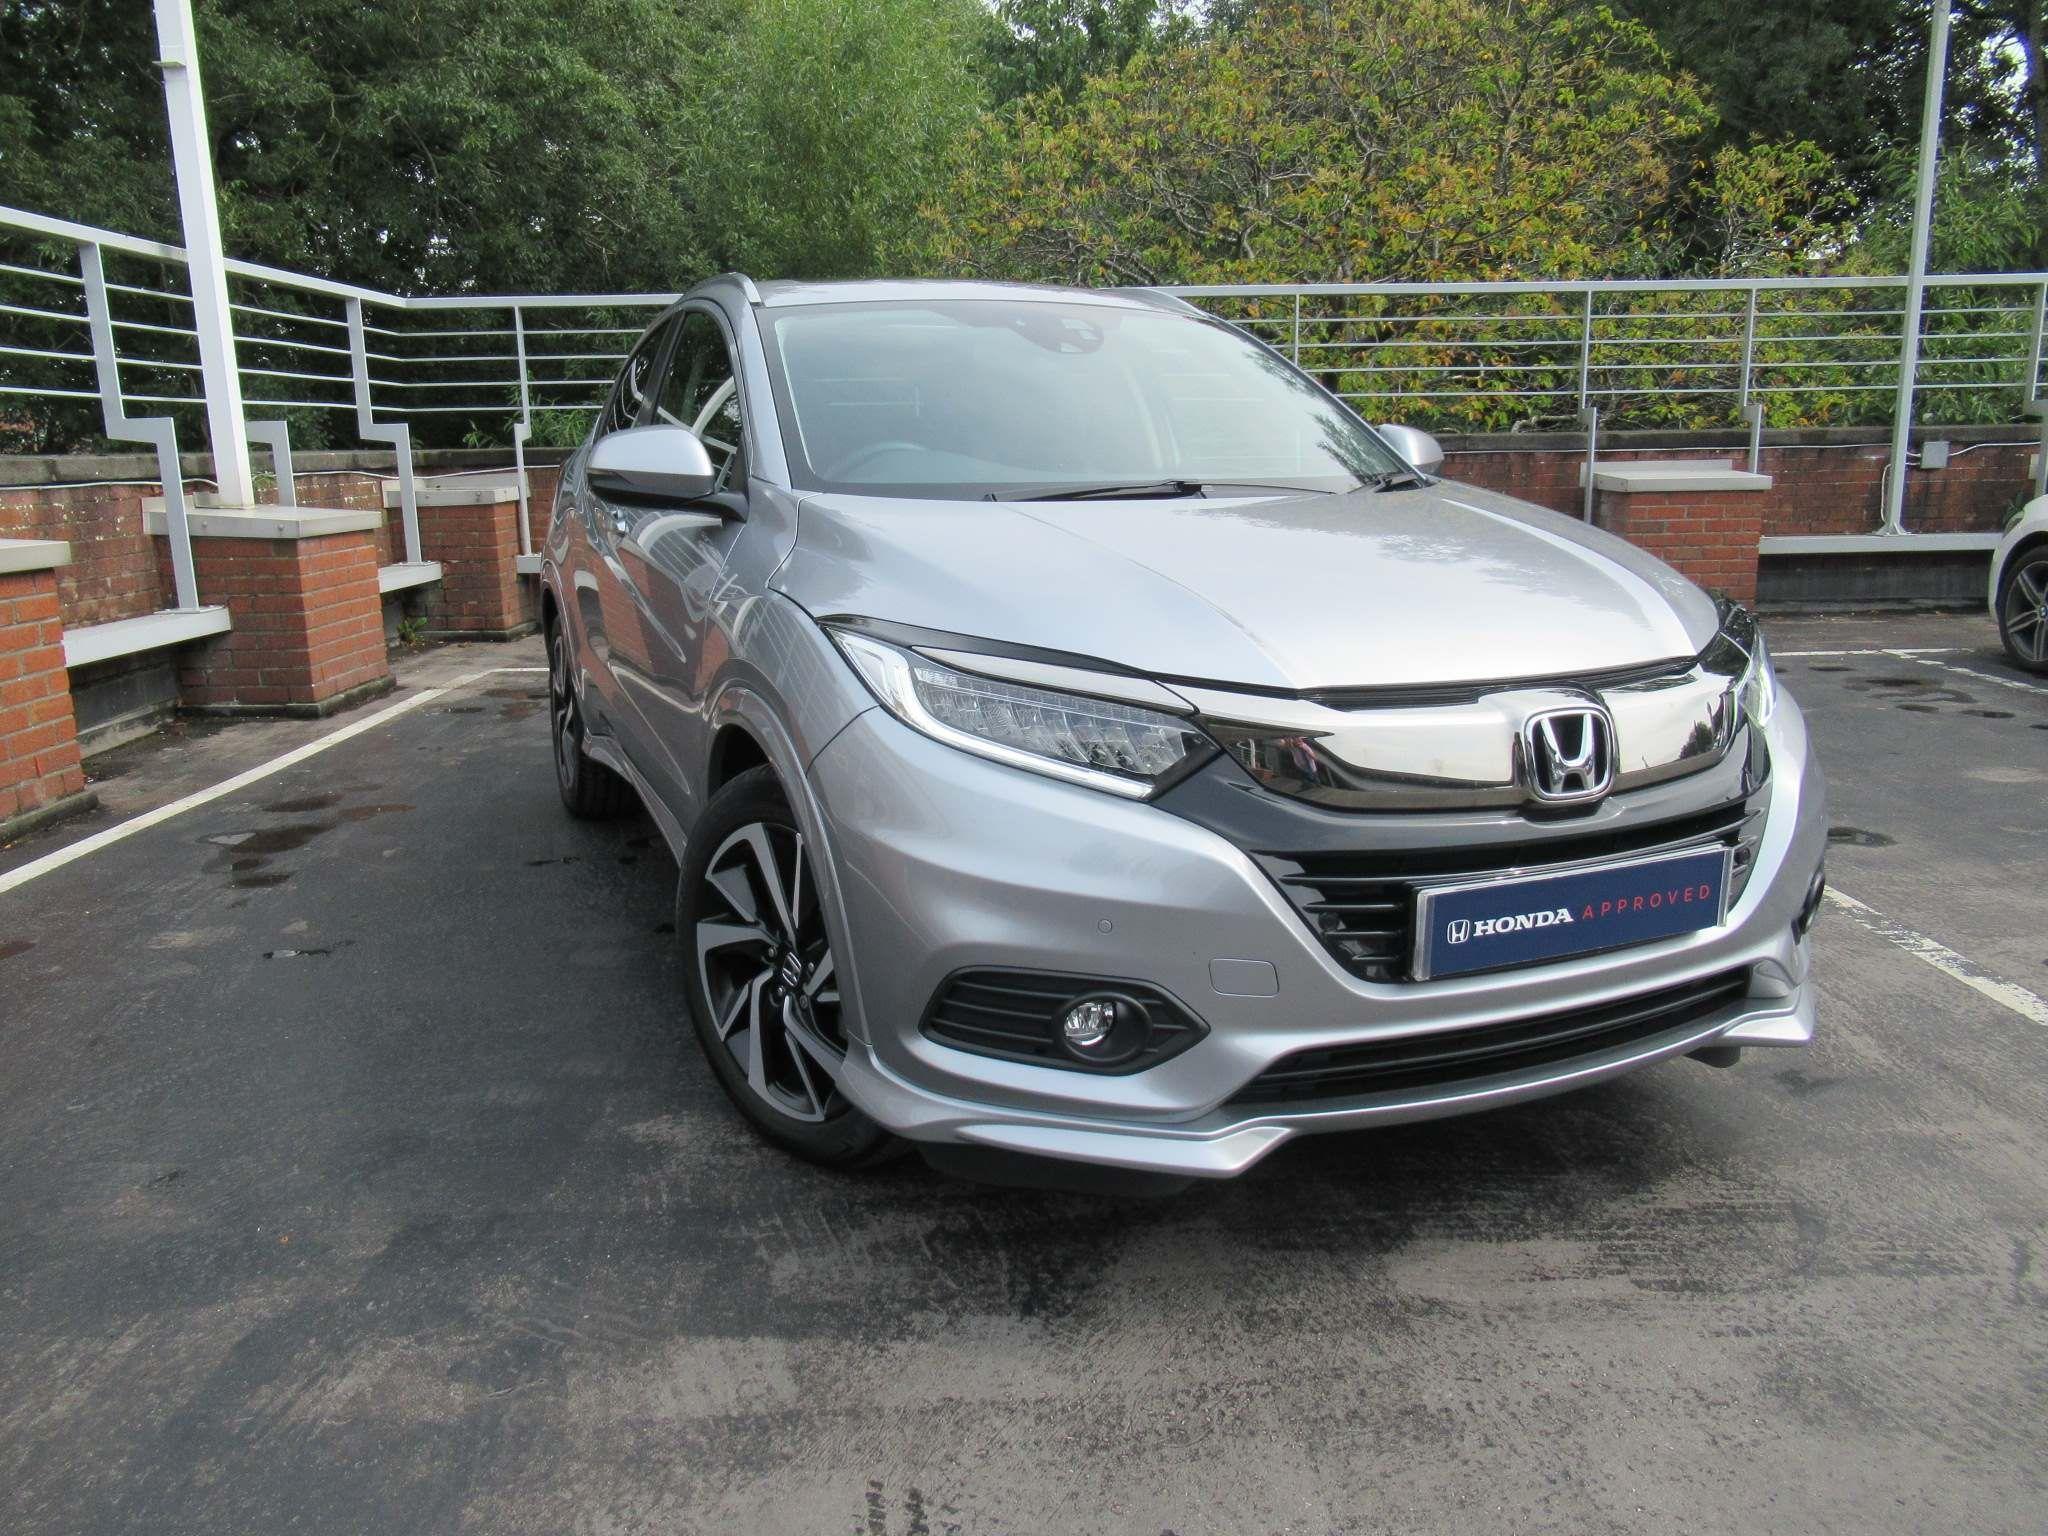 Honda HR-V 1.5 i-VTEC EX (s/s) 5dr